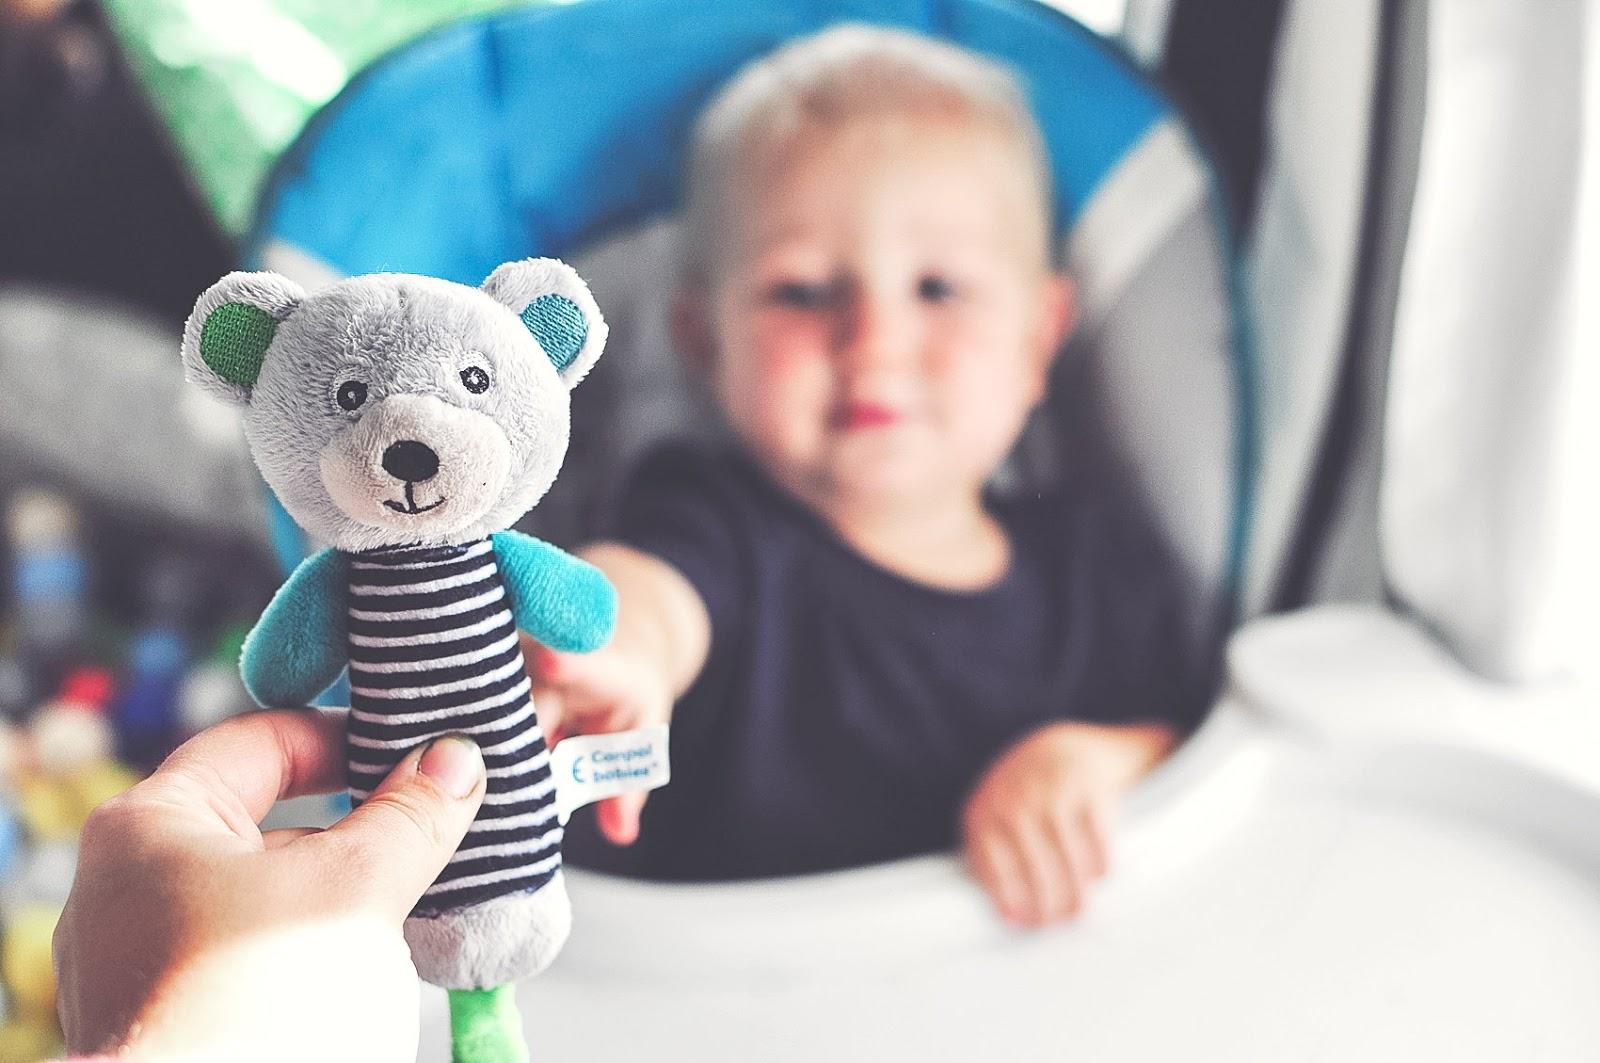 miś_polecane-zabawki-dla-dzieci